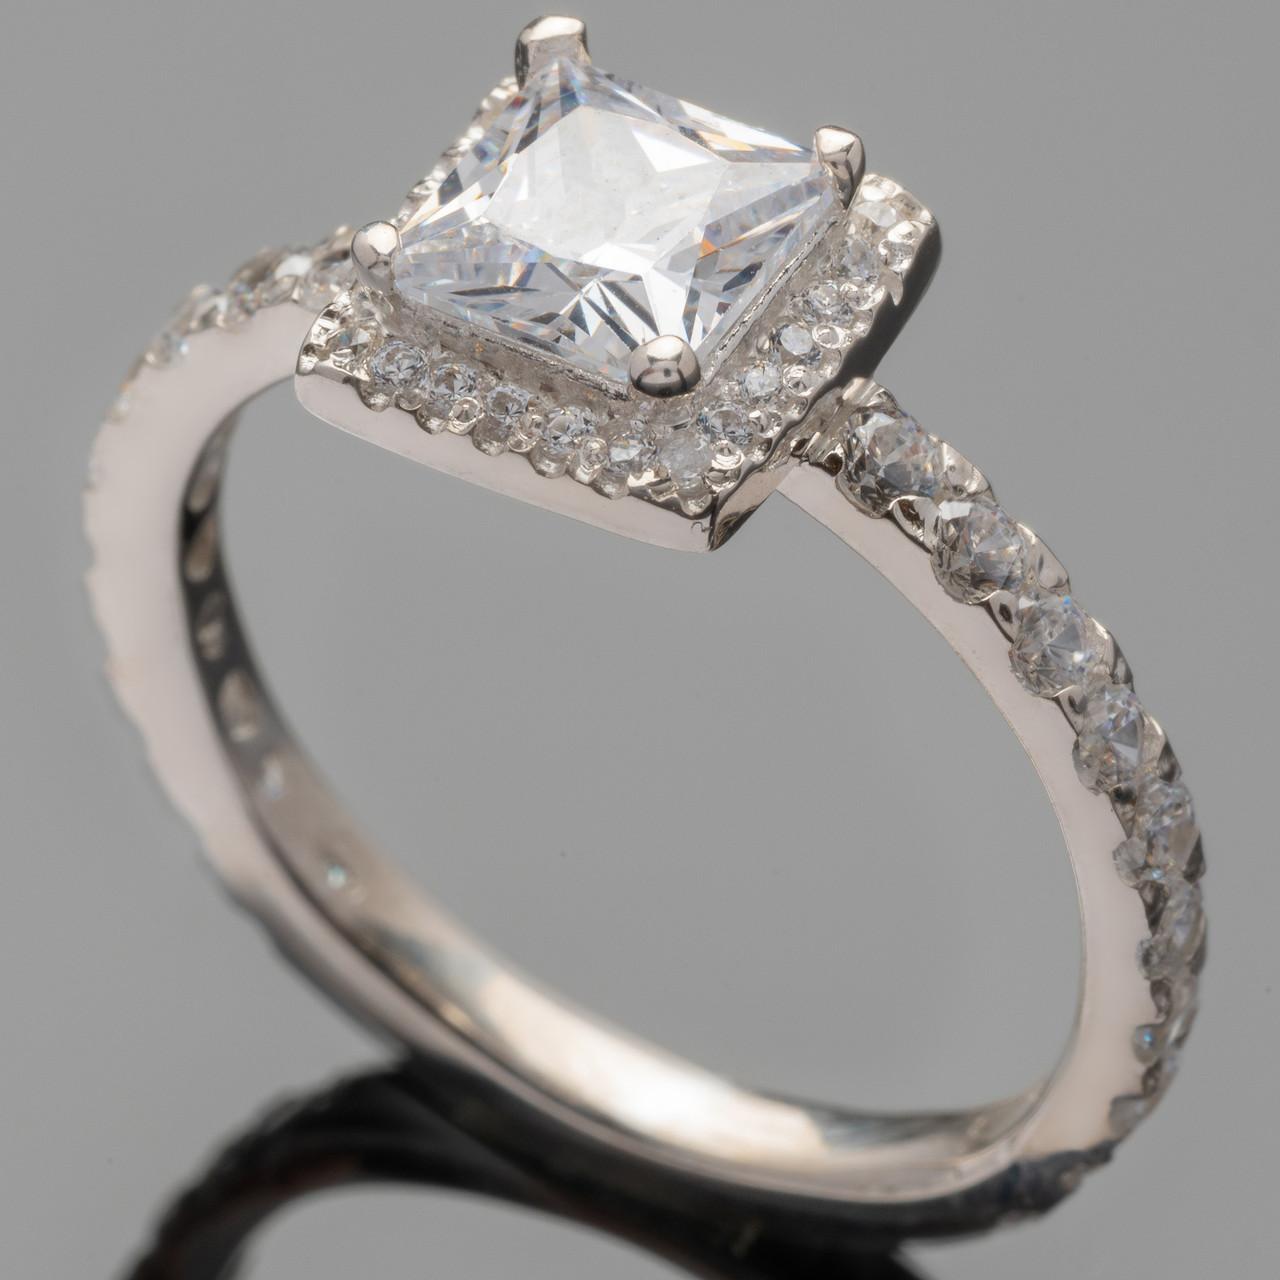 Серебряное кольцо 925 пробы с фианитами арт. 414к